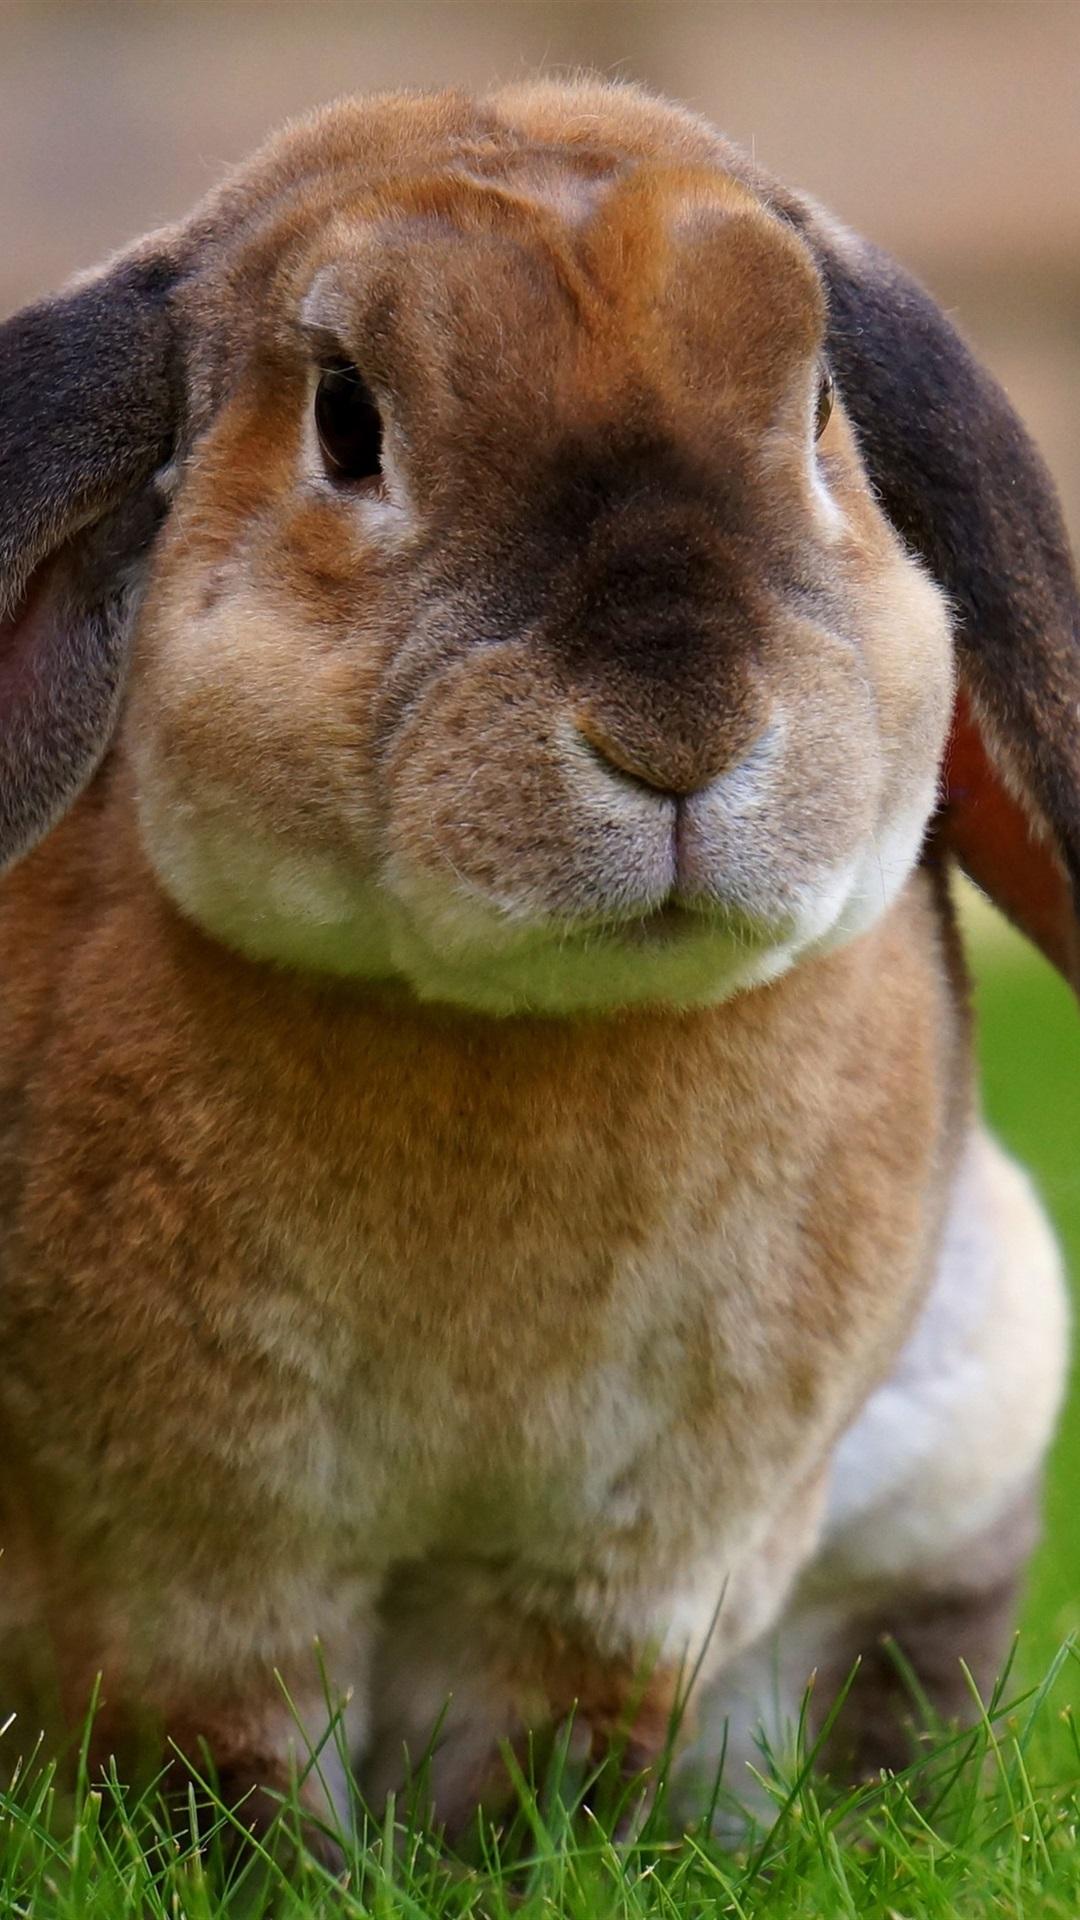 かわいいウサギ 芝生 1080x1920 Iphone 8 7 6 6s Plus 壁紙 背景 画像